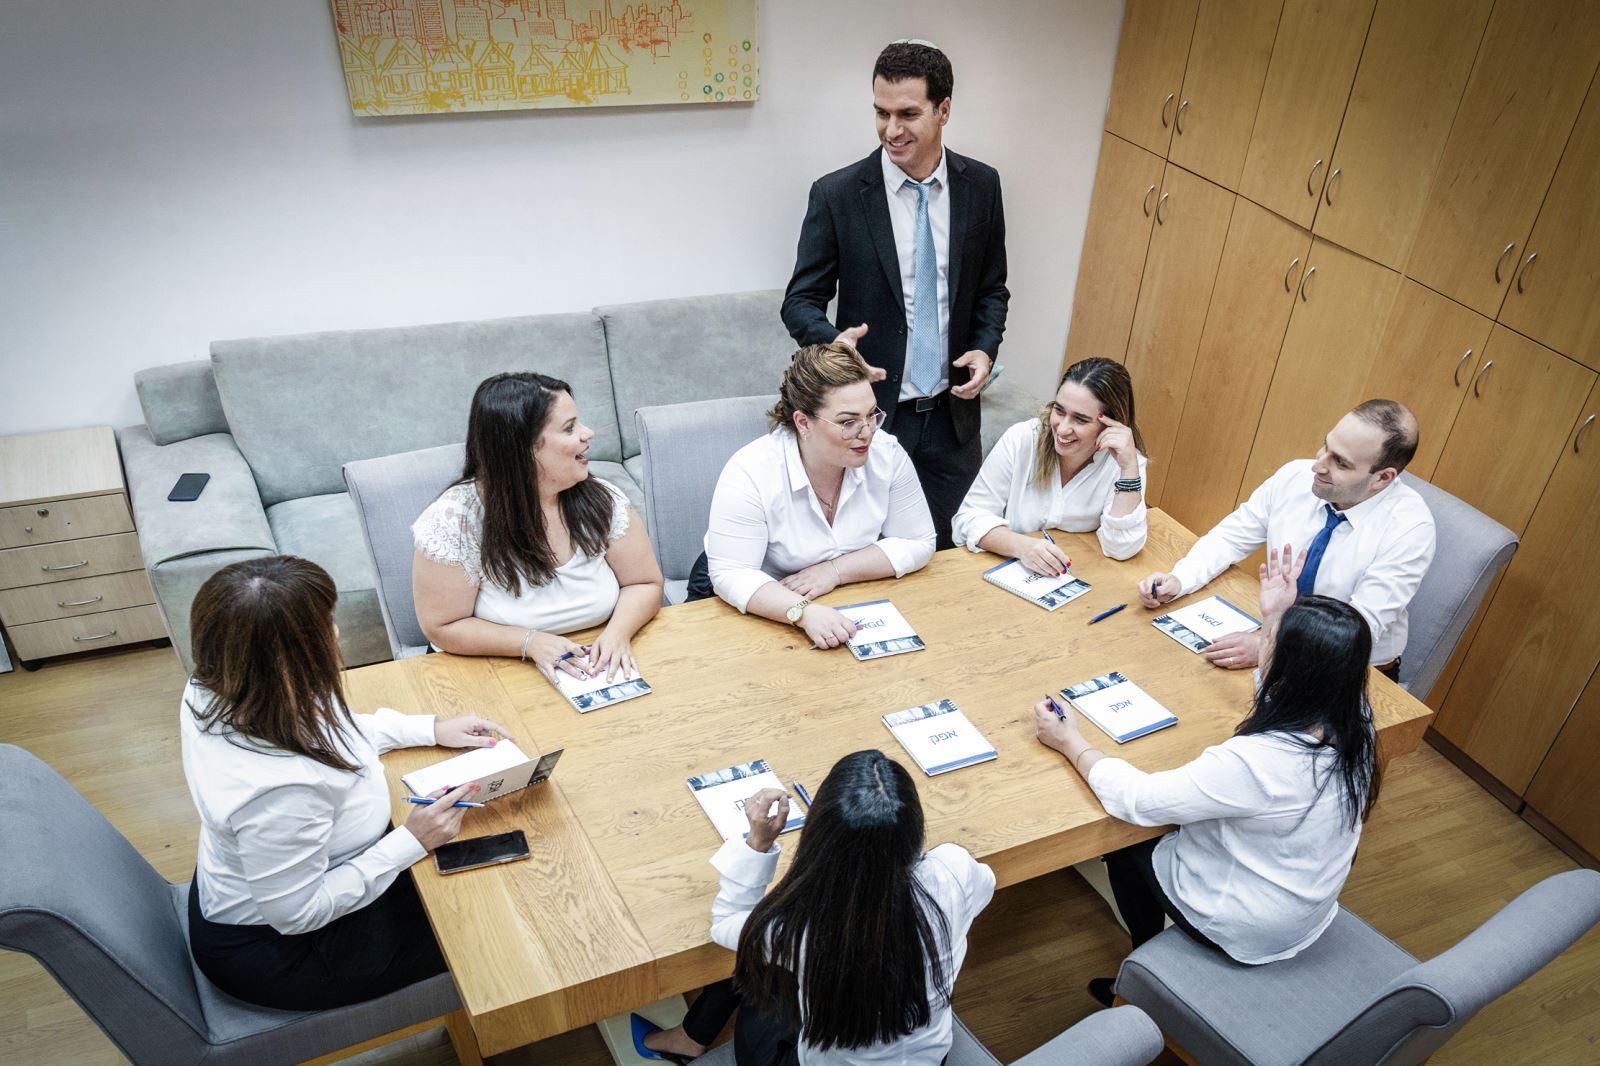 הלוואות לעסקים חדשים - שיתוף פעולה בין אנשים